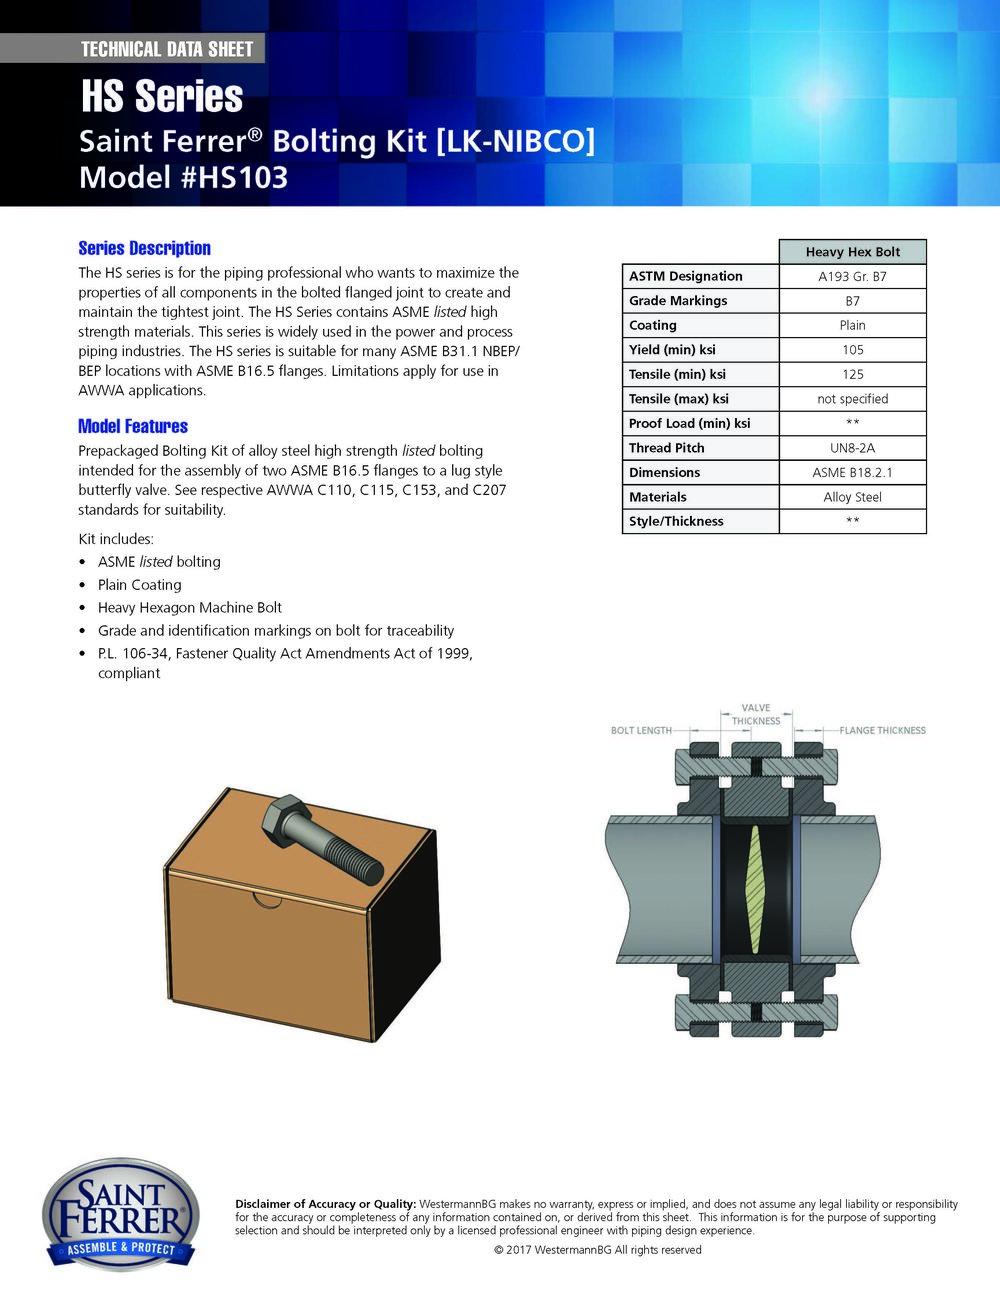 SF_Data_Sheet_HS_Series_HS103.jpg